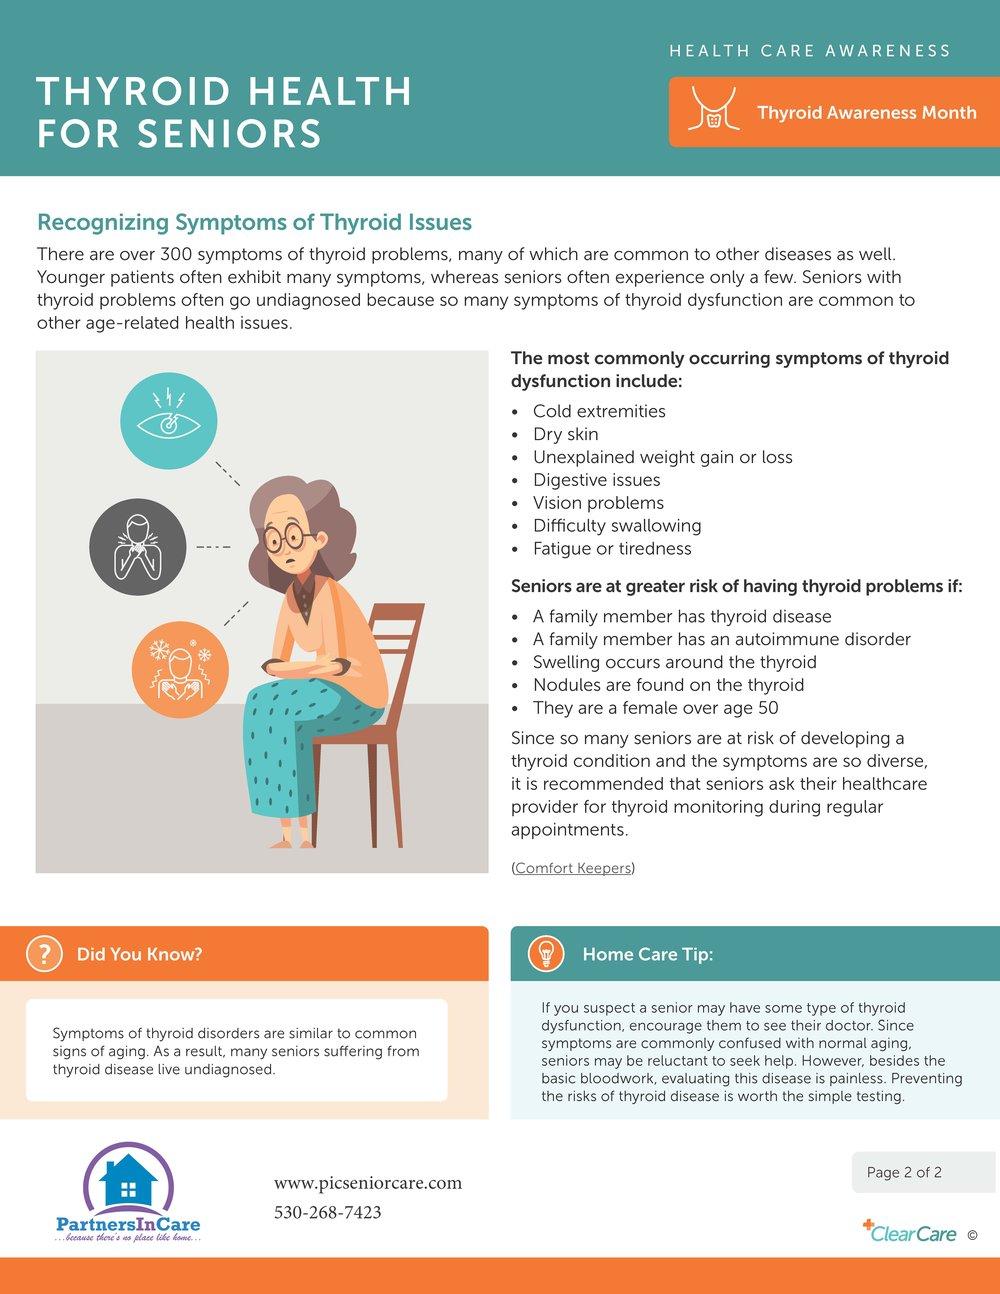 0118-ThyroidAwareness-GenericCMYK_Page_2.jpg